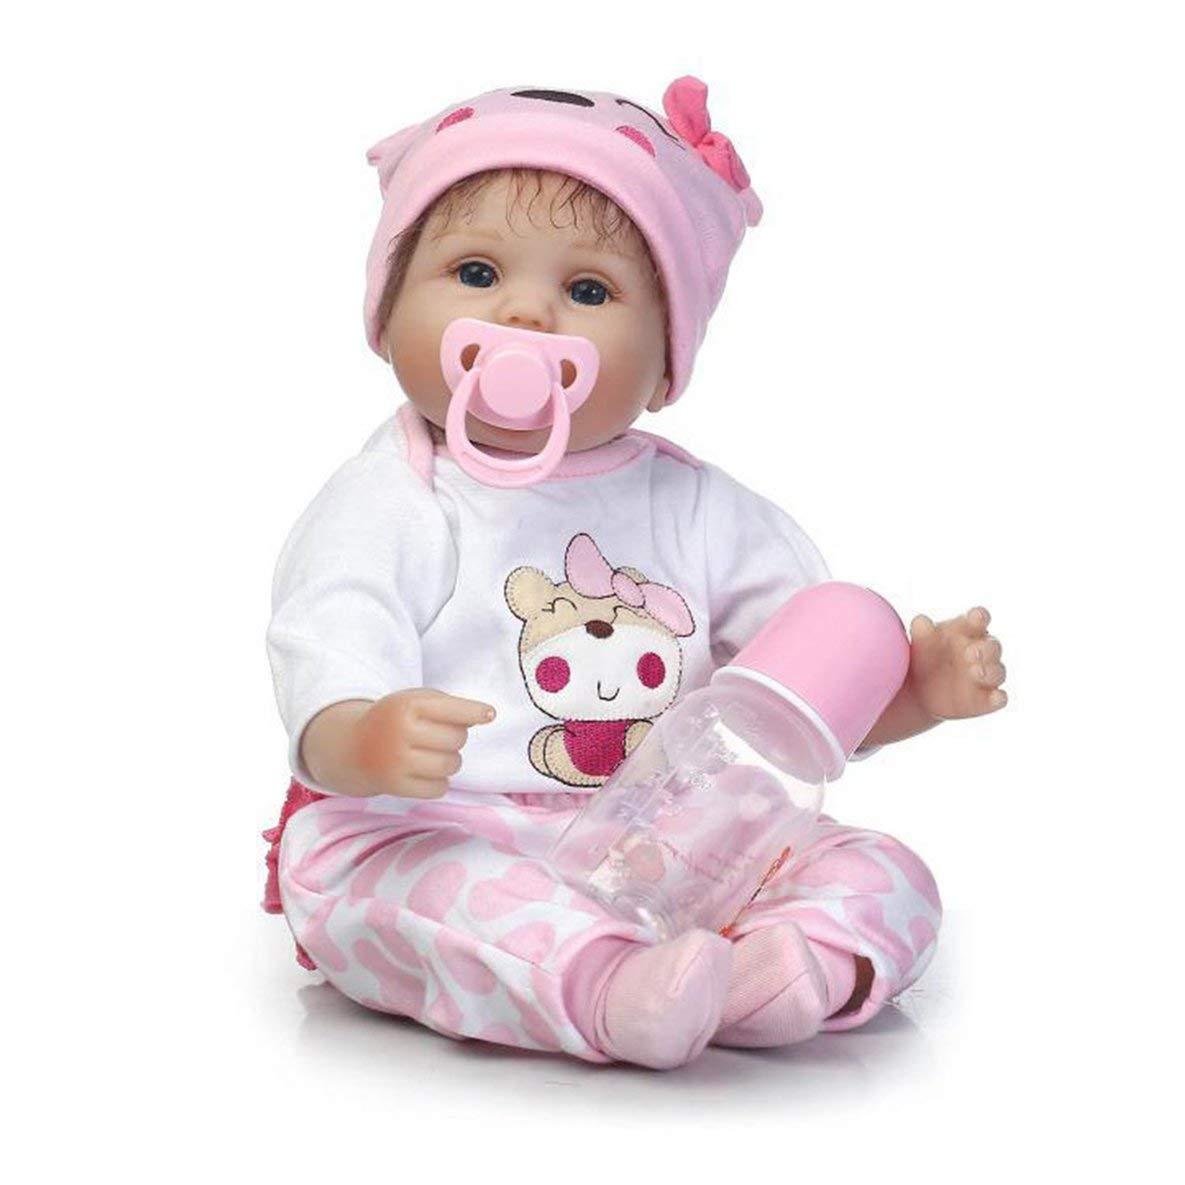 barato y de alta calidad Moliies Simulación Bebé Muñeca Renacida Juguete Completo Silicona Silicona Silicona Realista Parentalidad Juguete para Niños  Tienda 2018